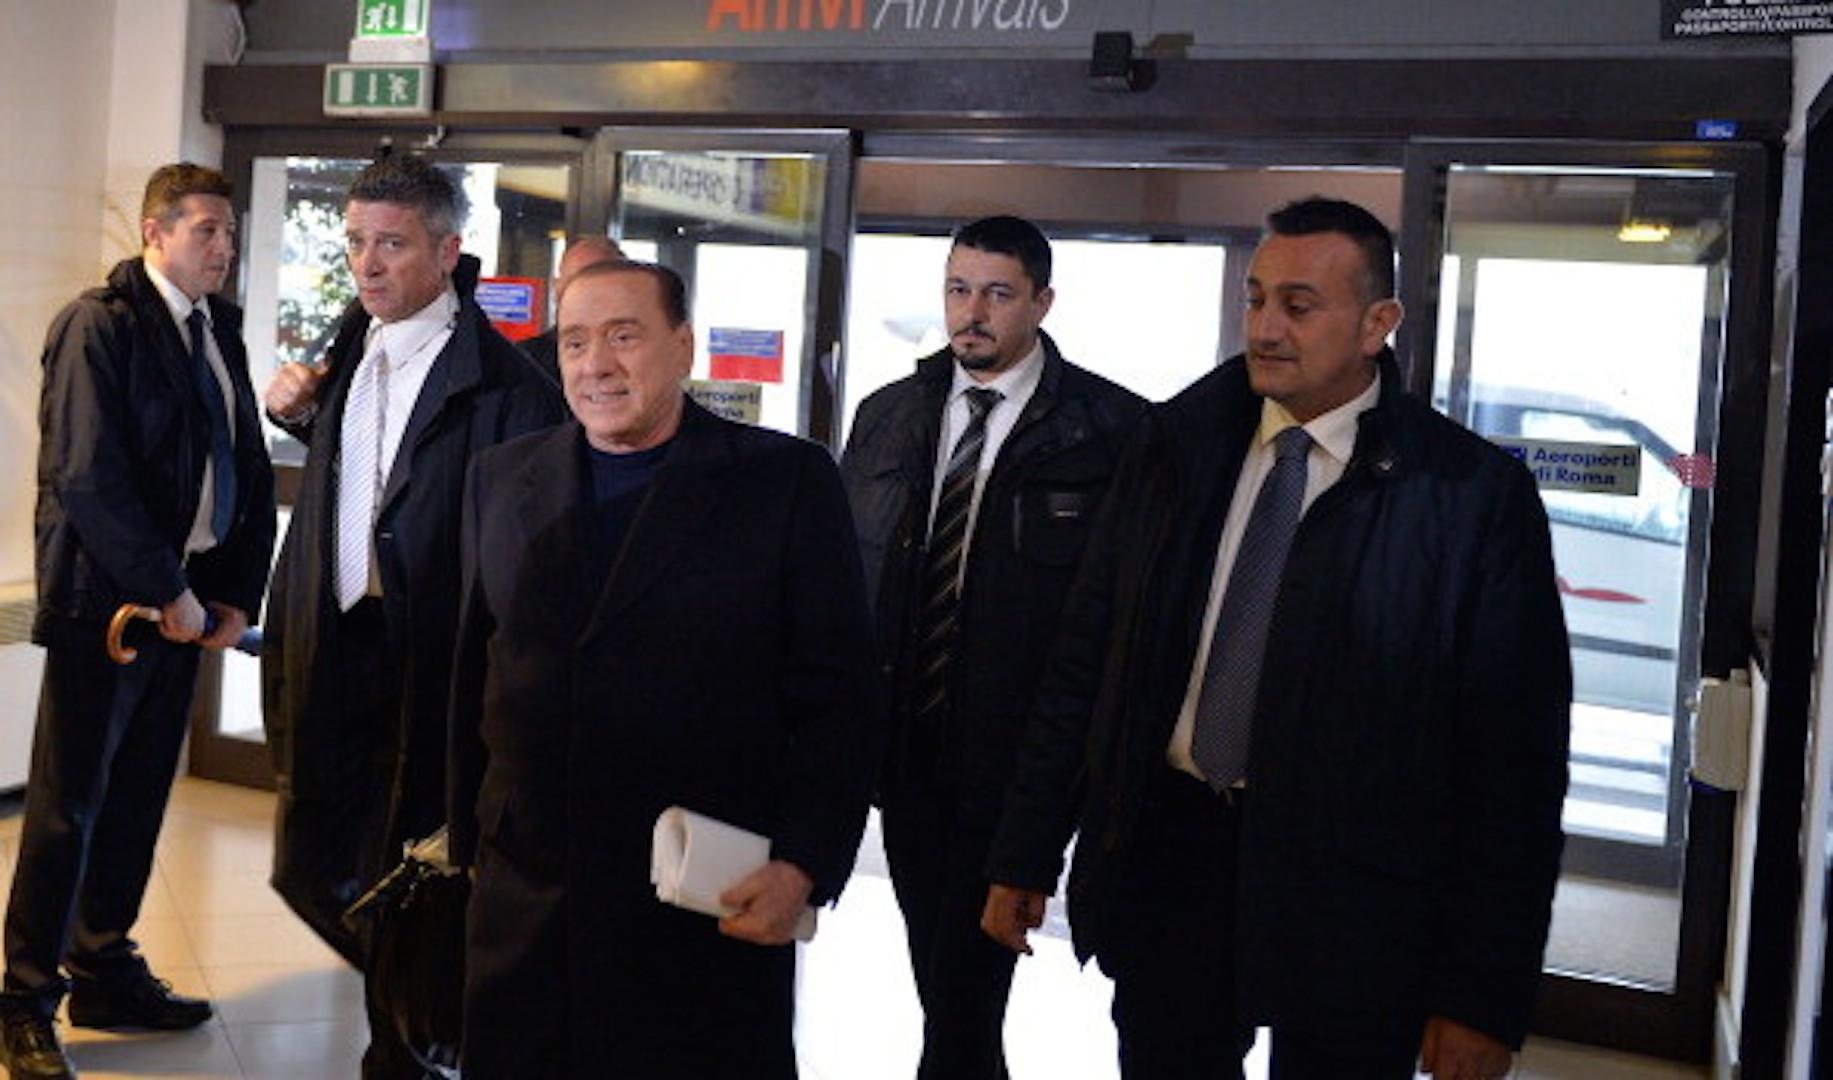 Silvio Berlusconi ricoverato per sostituzione batteria pacemaker